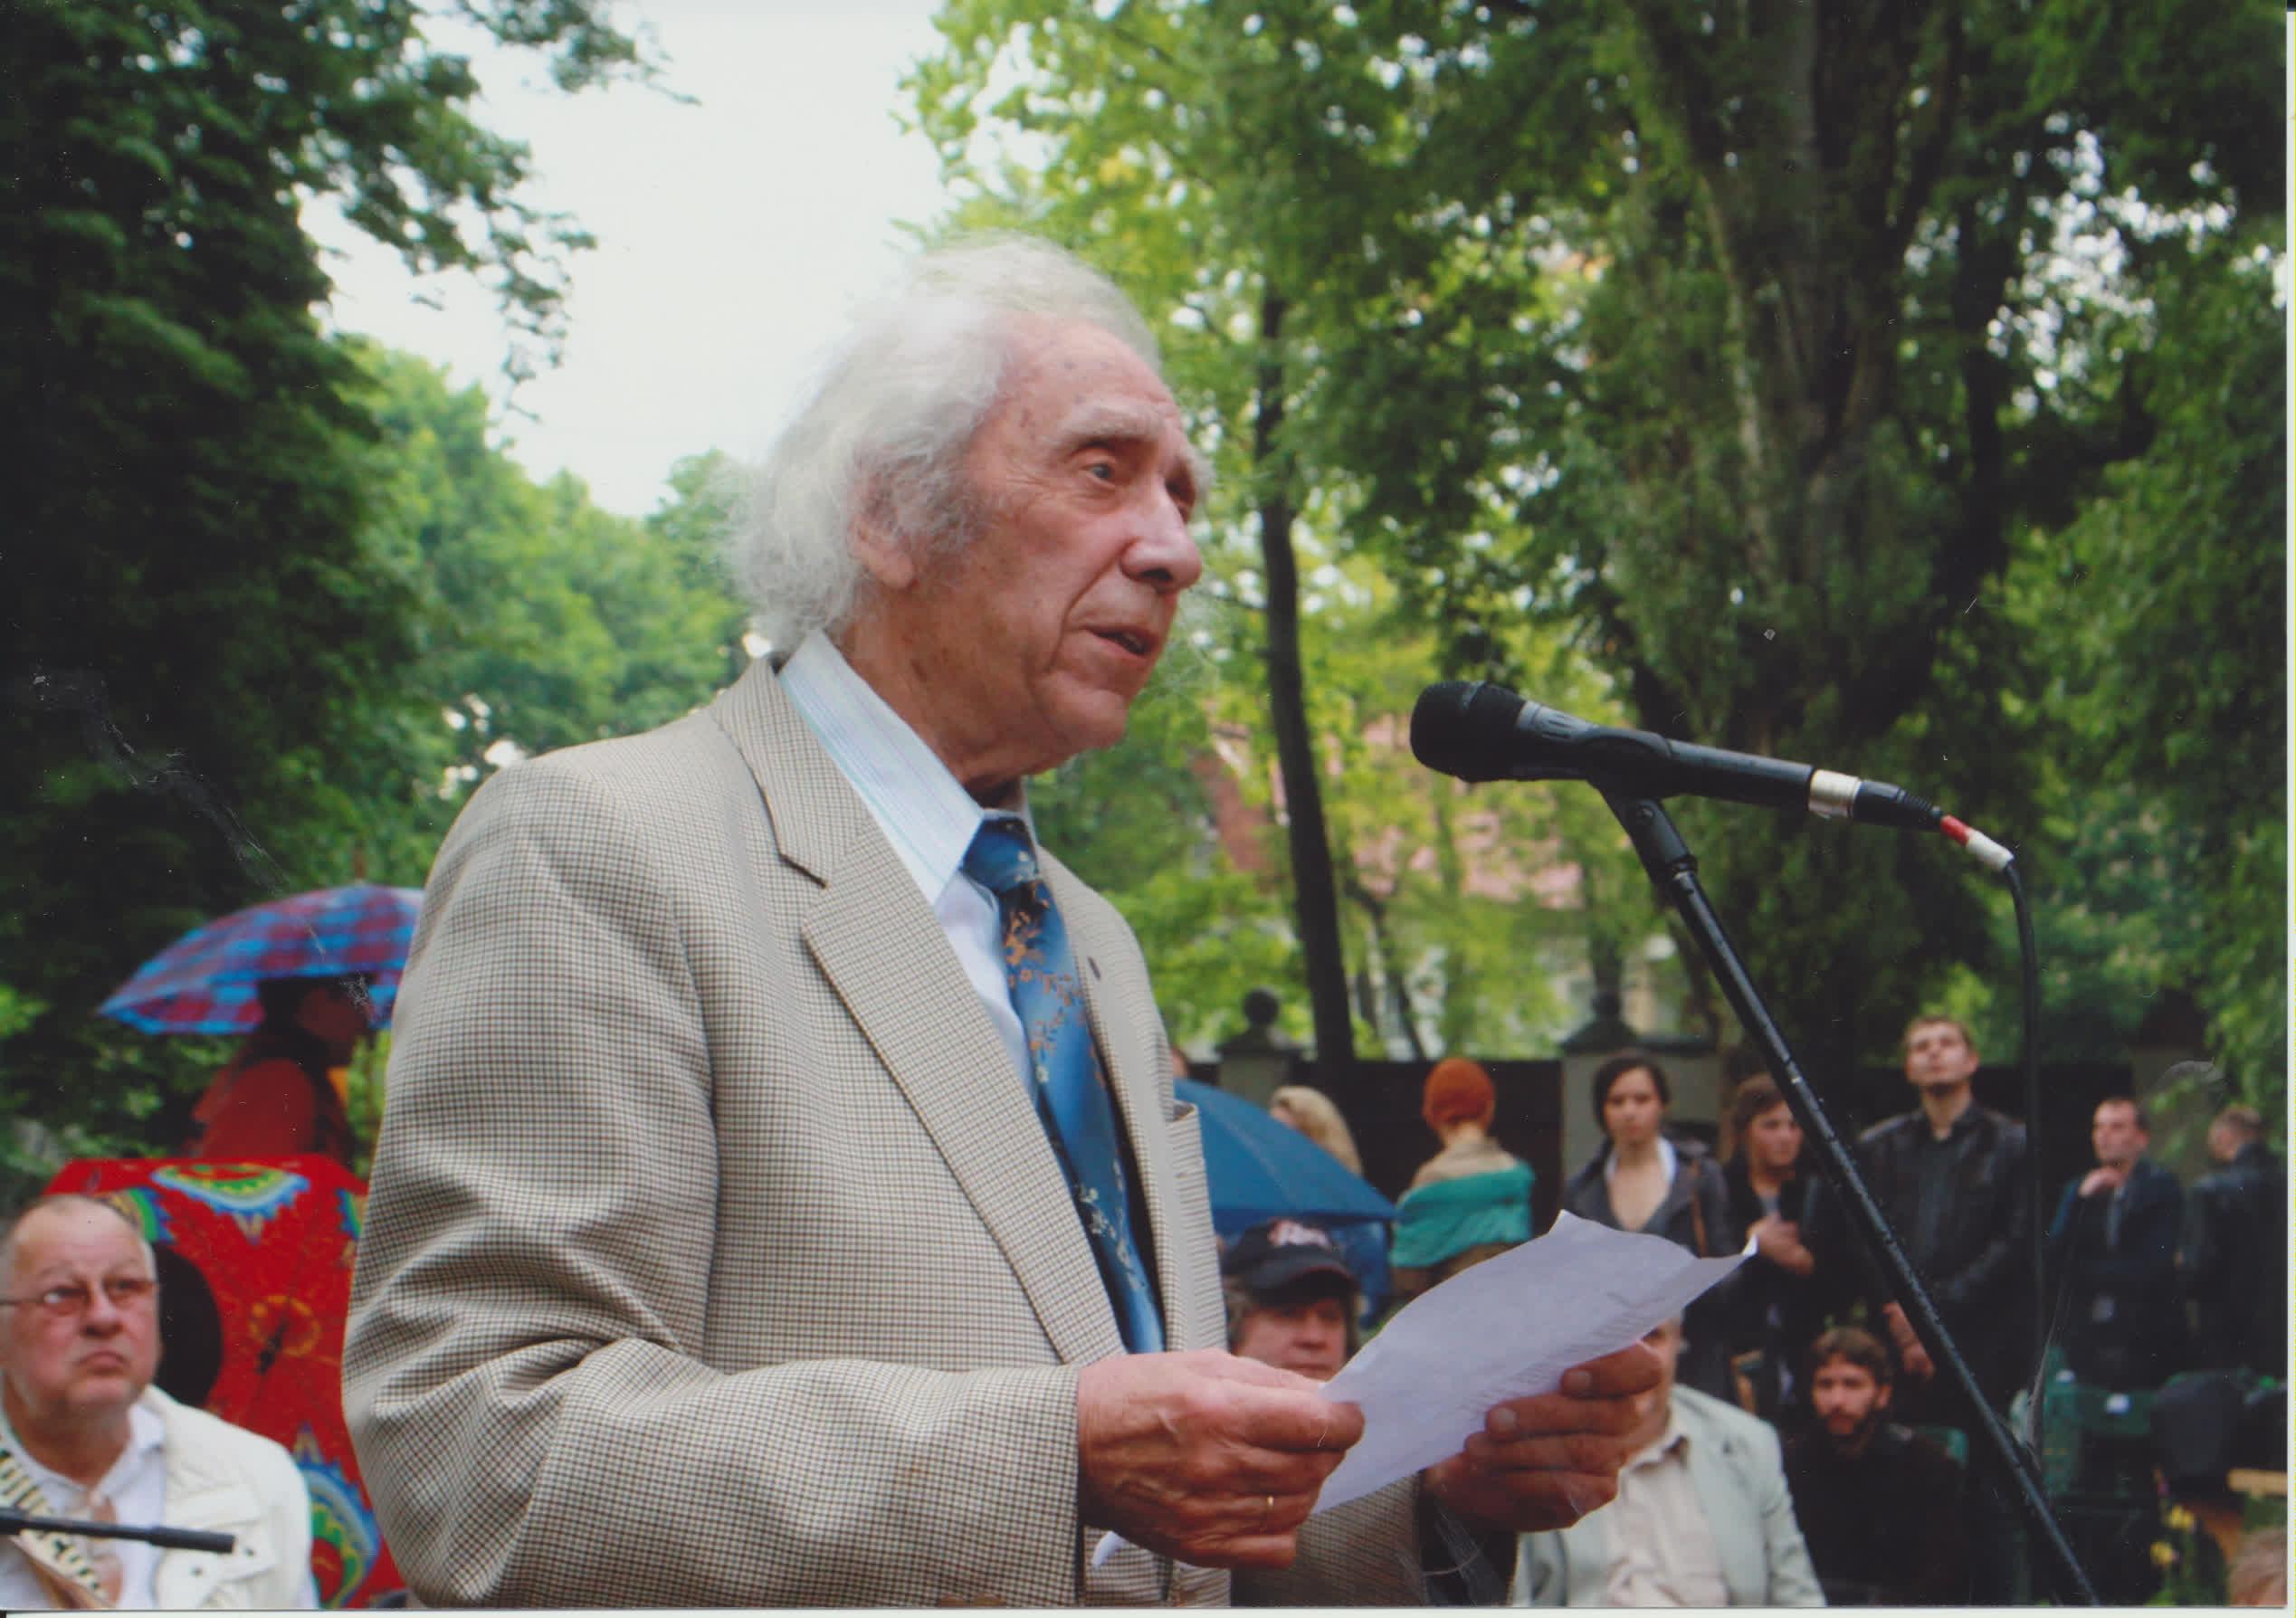 """Iki žilos senatvės V. Reimeris išliko žvalus, šviesaus proto, net buvo pelnęs """"seniausio poeto"""" titulą. Poezijos pavasario renginio metu Maironio sodelyje, 2011 m. Z. Baltrušio nuotrauka"""